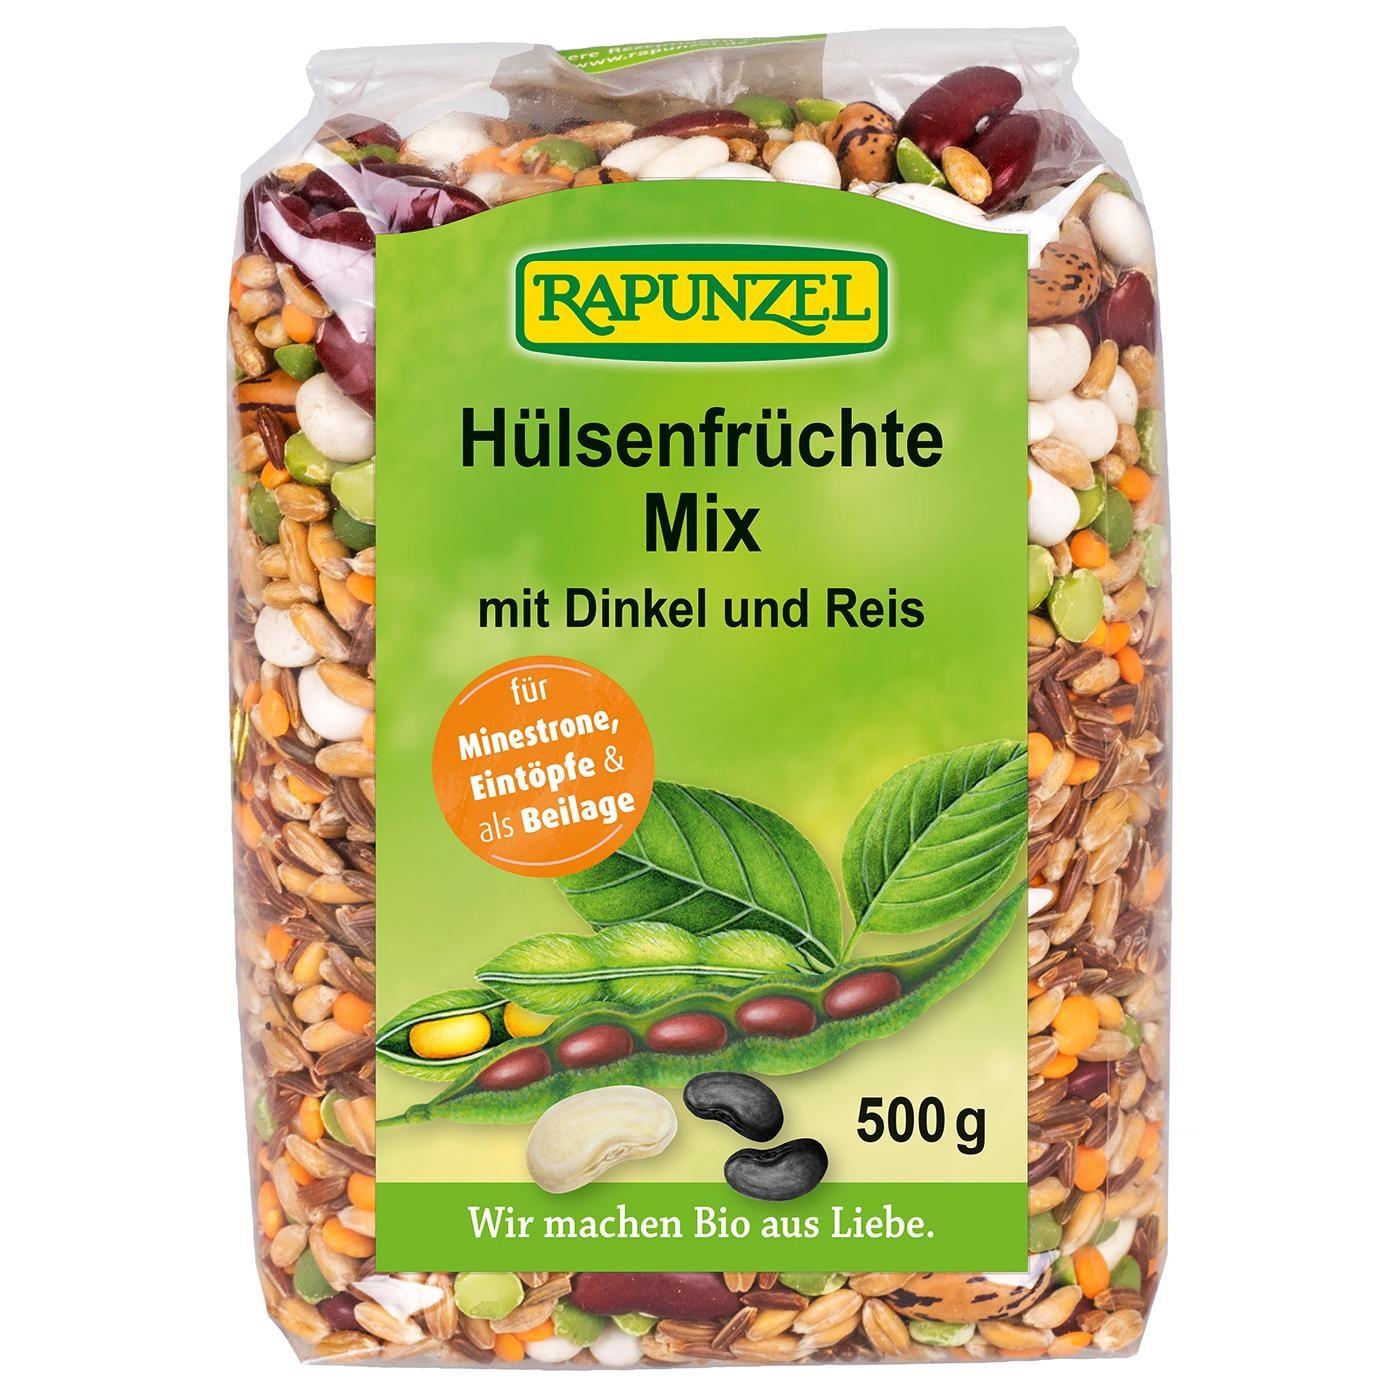 Rapunzel Bio Hülsenfrüchte Mix mit Dinkel und Reis 500g